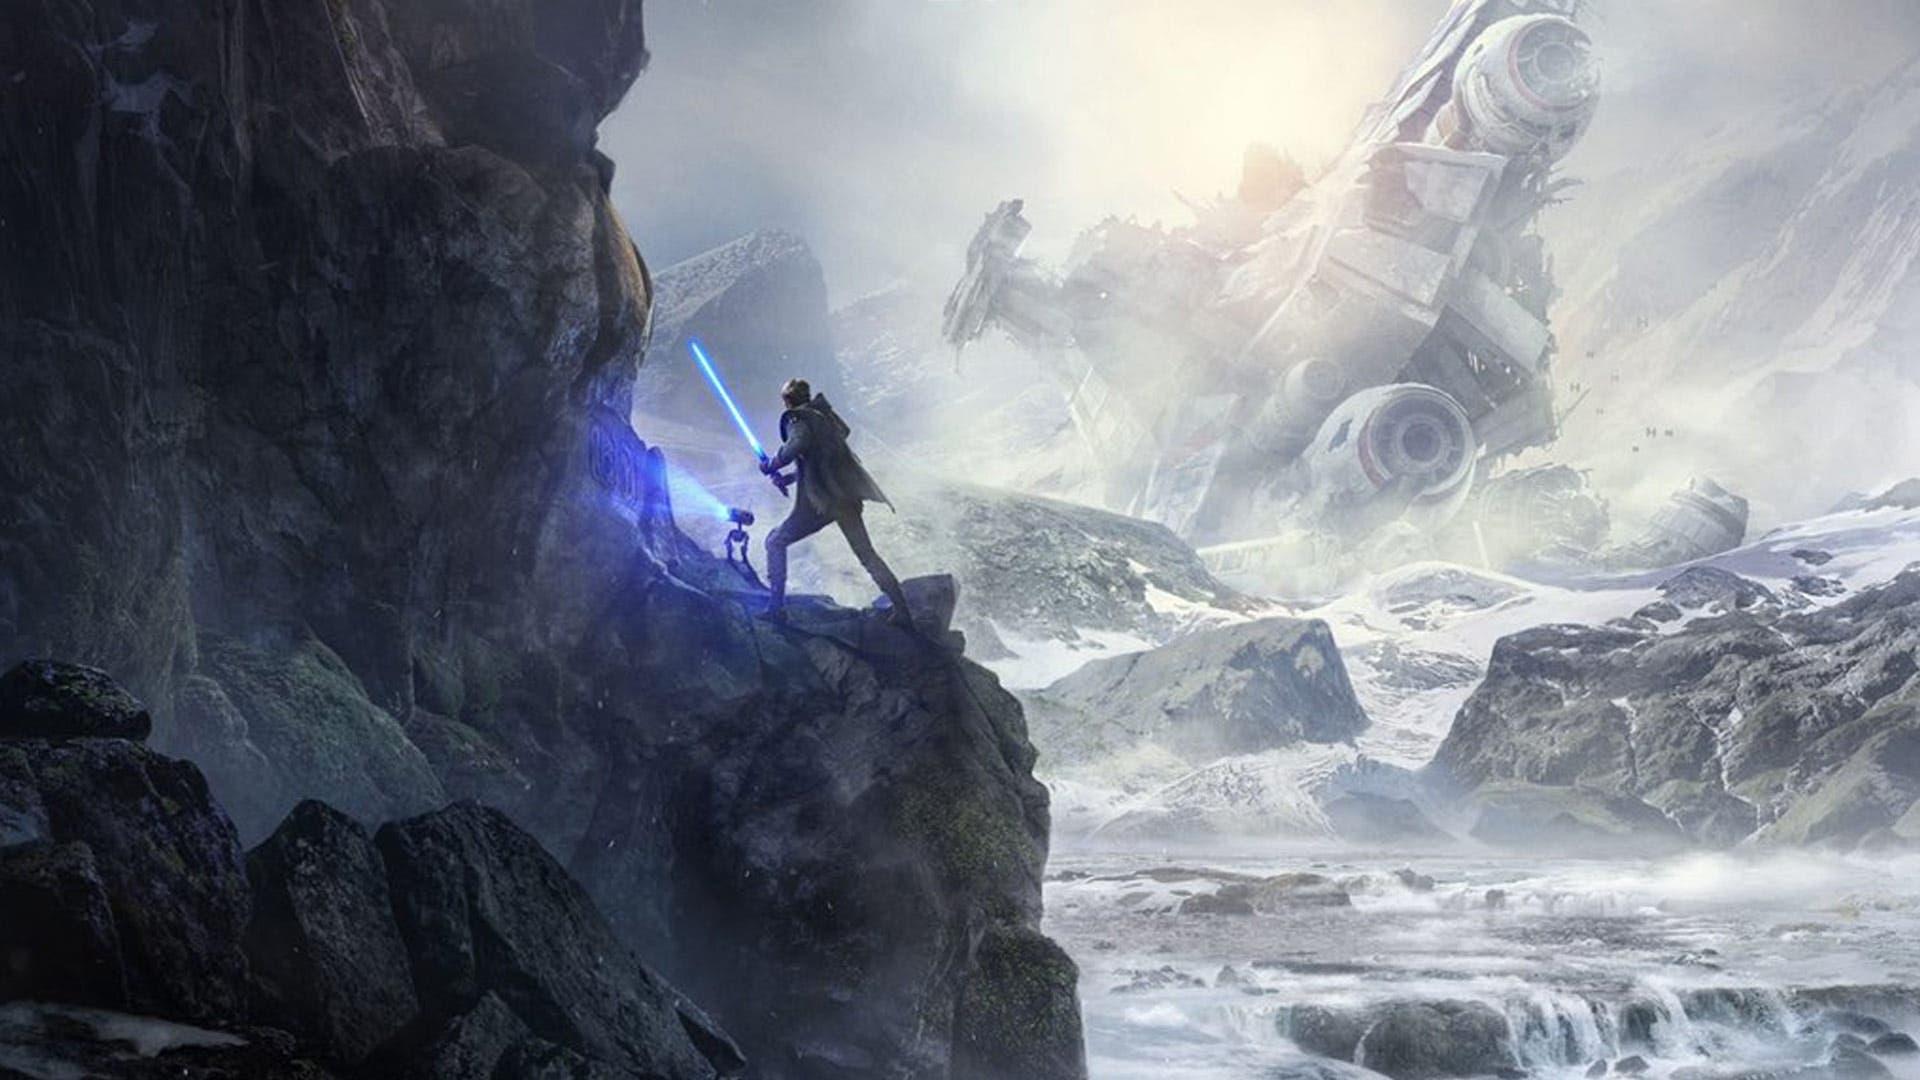 Ya sabemos cuando saldrán las notas de Star Wars Jedi: Fallen Order 2